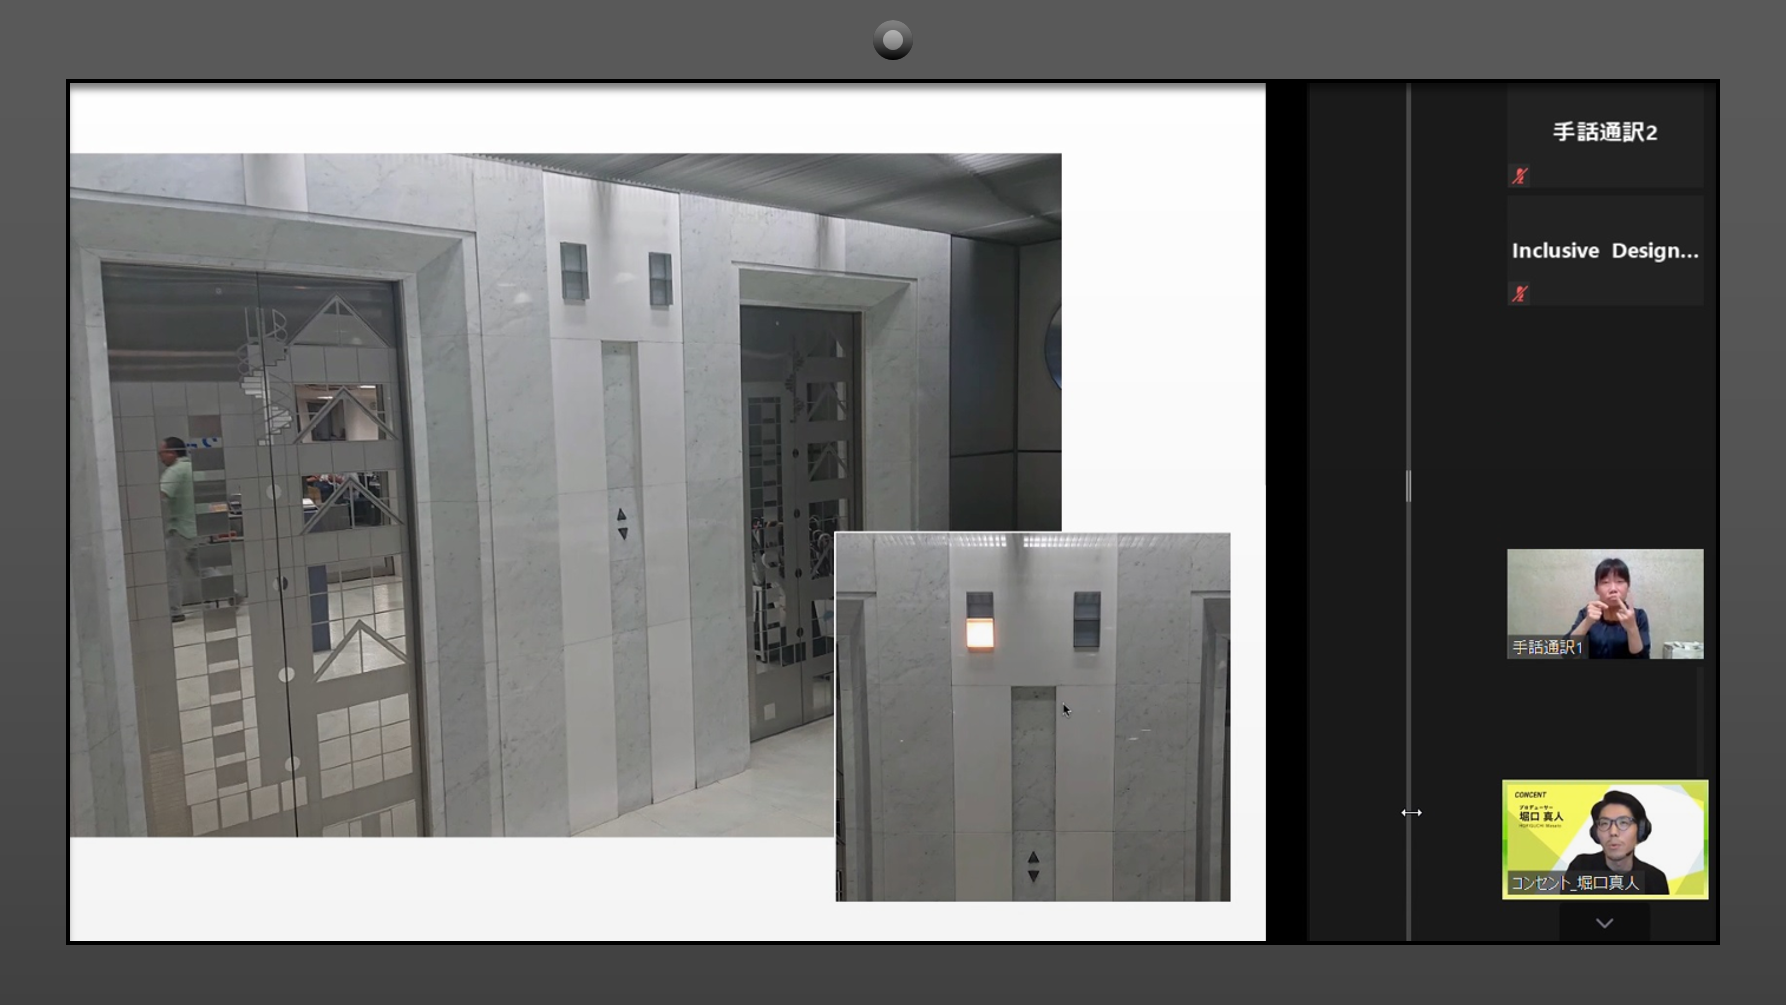 エレベータホールの画像です